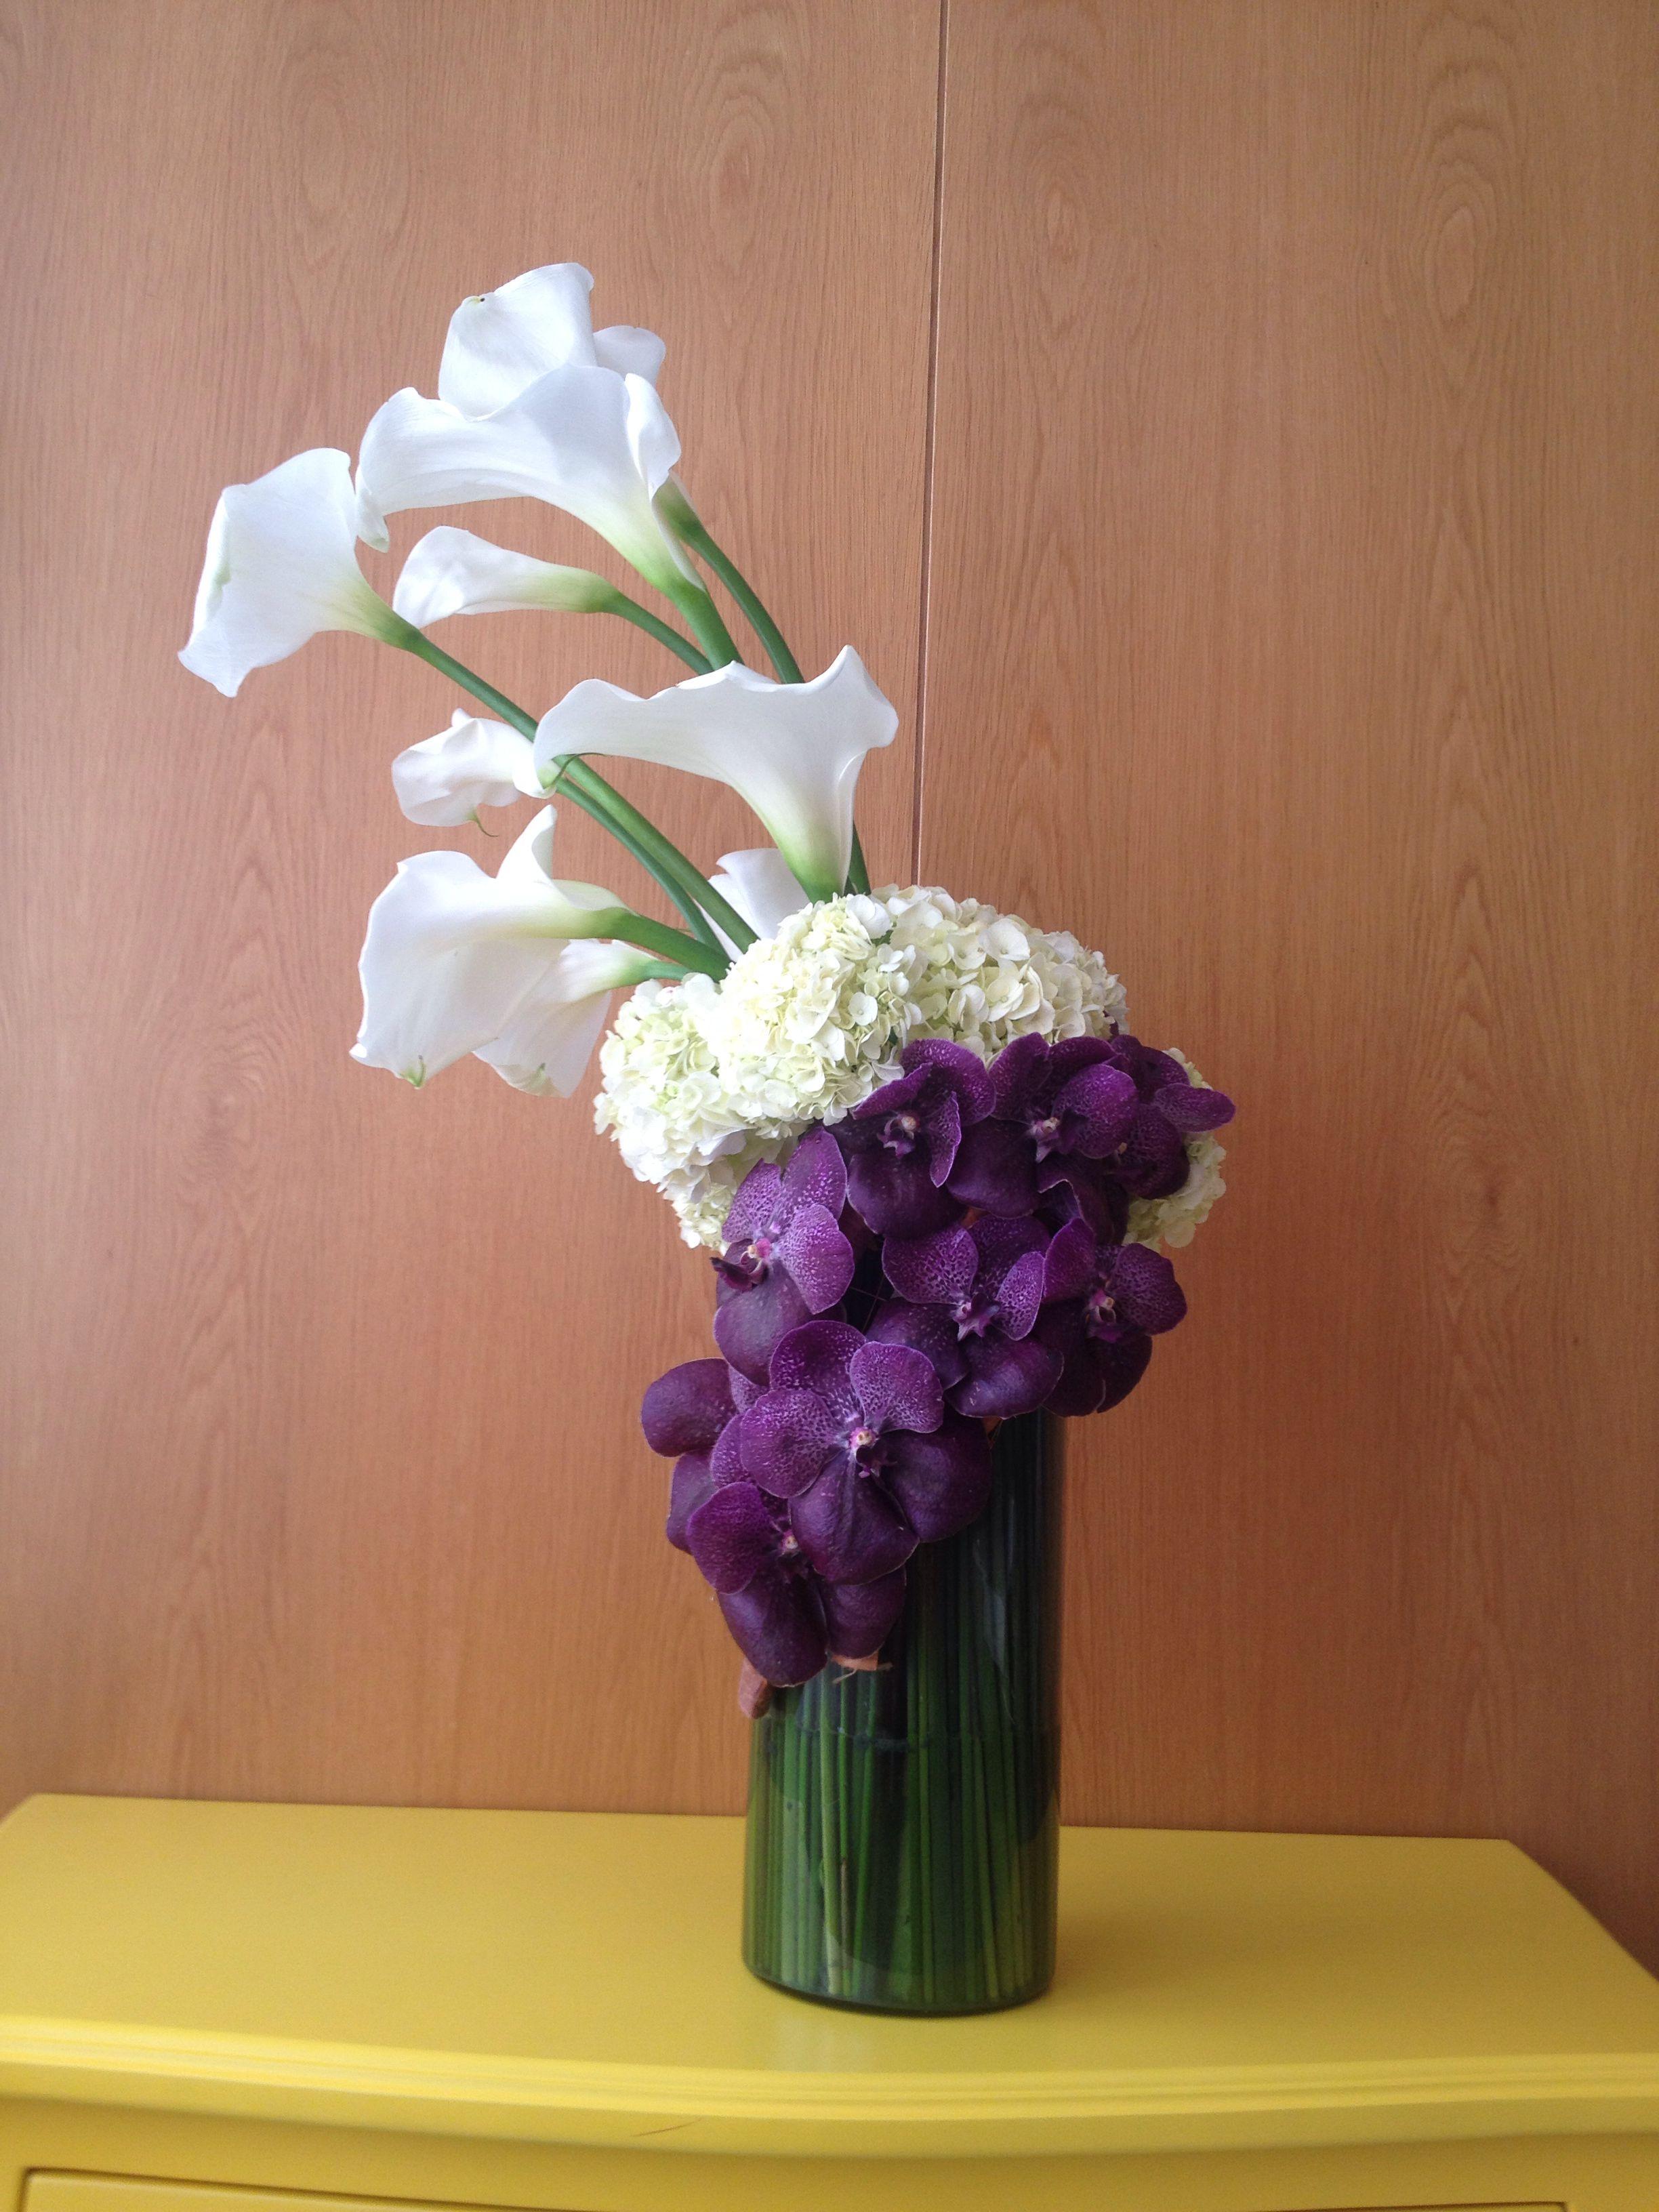 Copo De Leite Hortensia Branca E Wandas Em Um Arranjo Floral